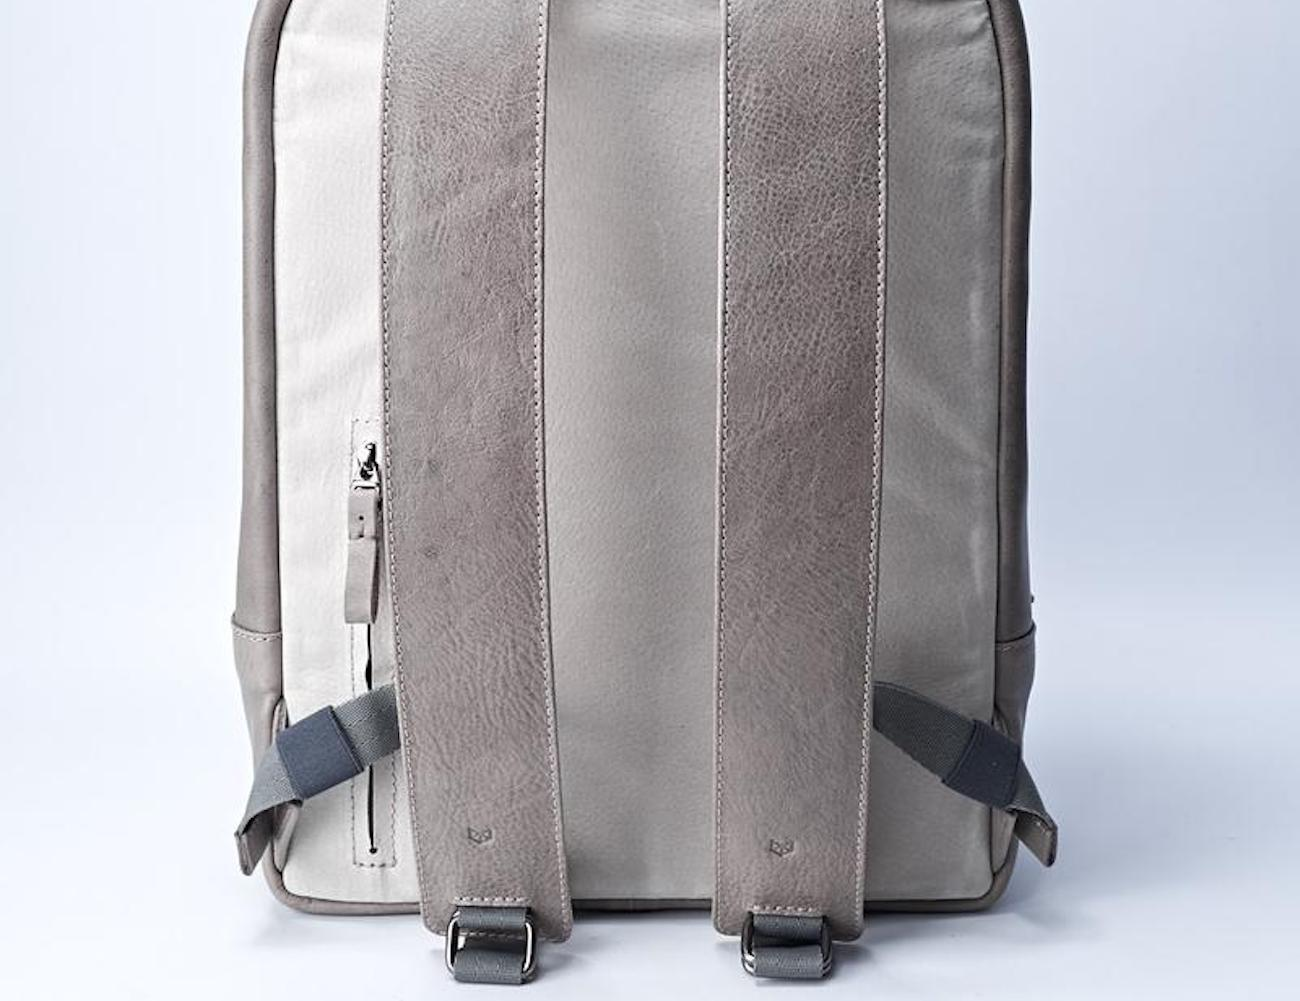 Capra Leather Bisonte Backpack